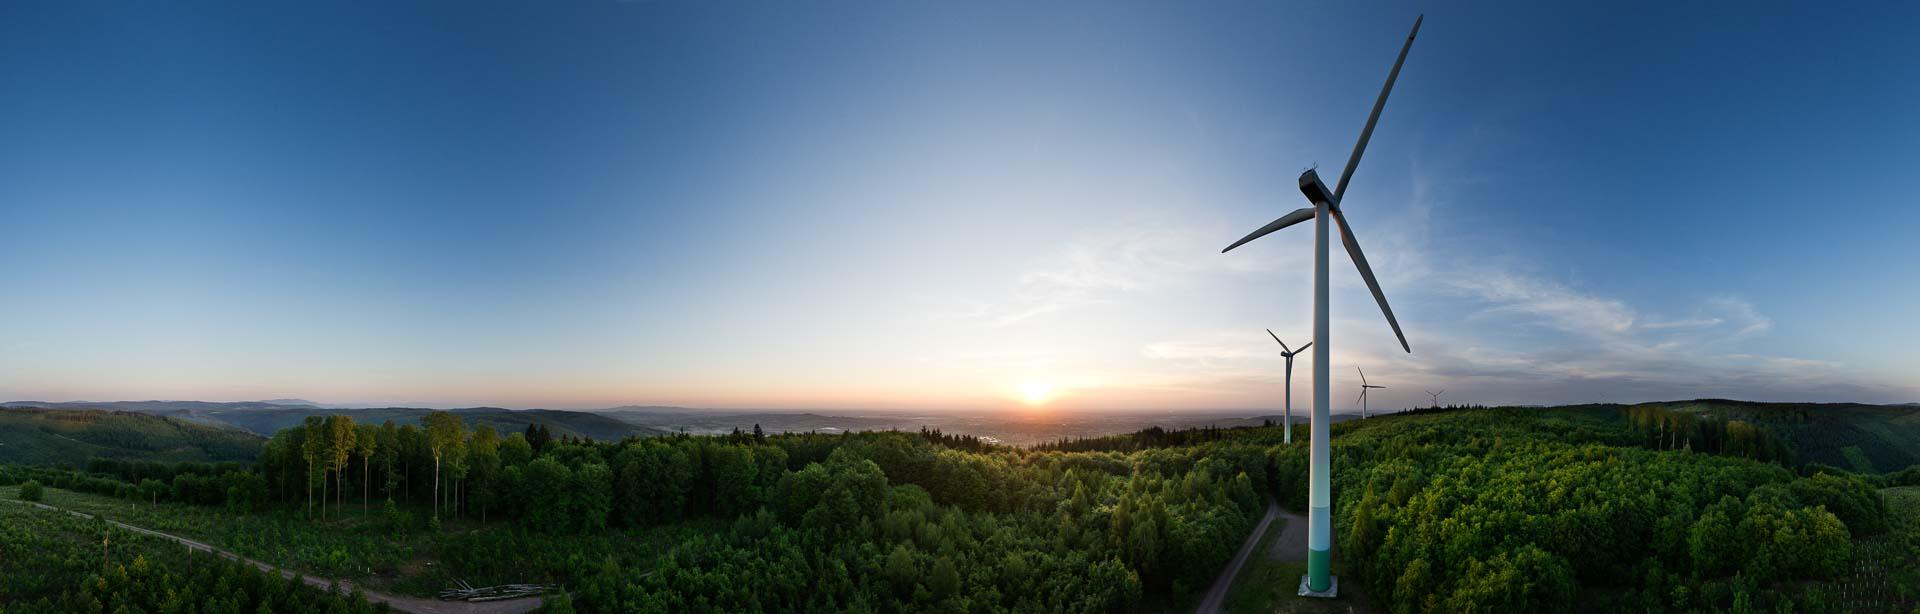 Sonnenuntergang Windräder – 360° Foto